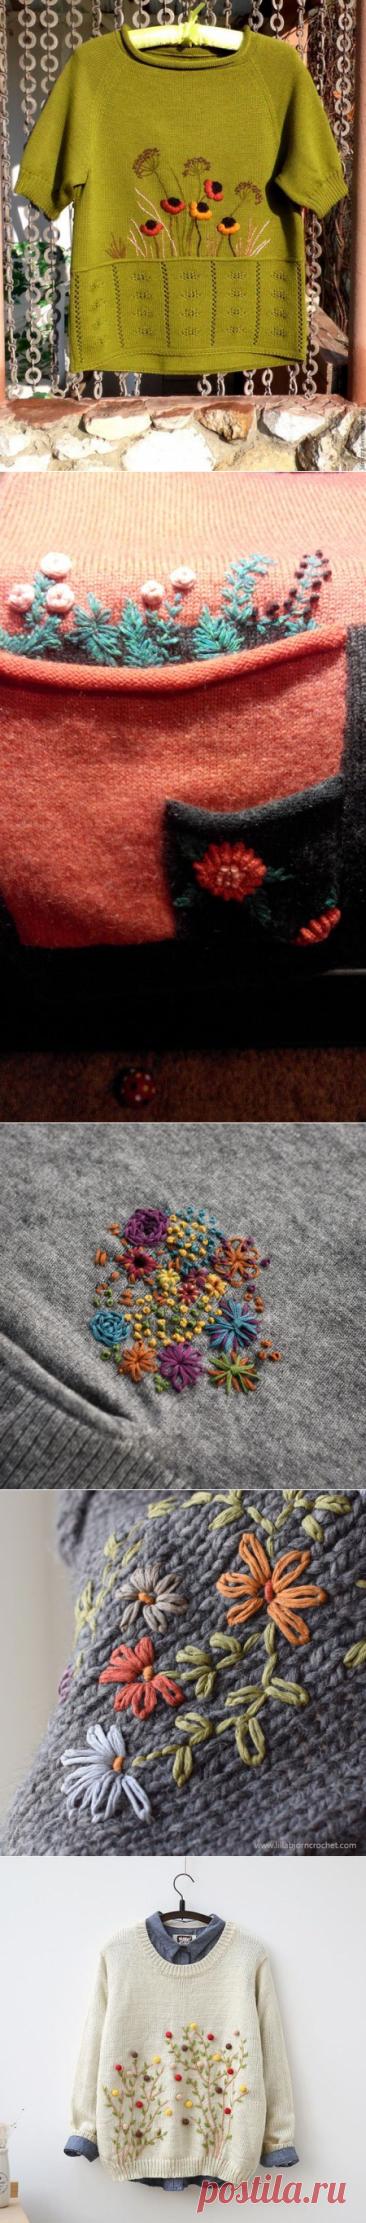 Чем украсить вязаные изделия? Вышивкой! | ВЯЗАНИЕ СПИЦАМИ ИКРЮЧКОМ | Яндекс Дзен